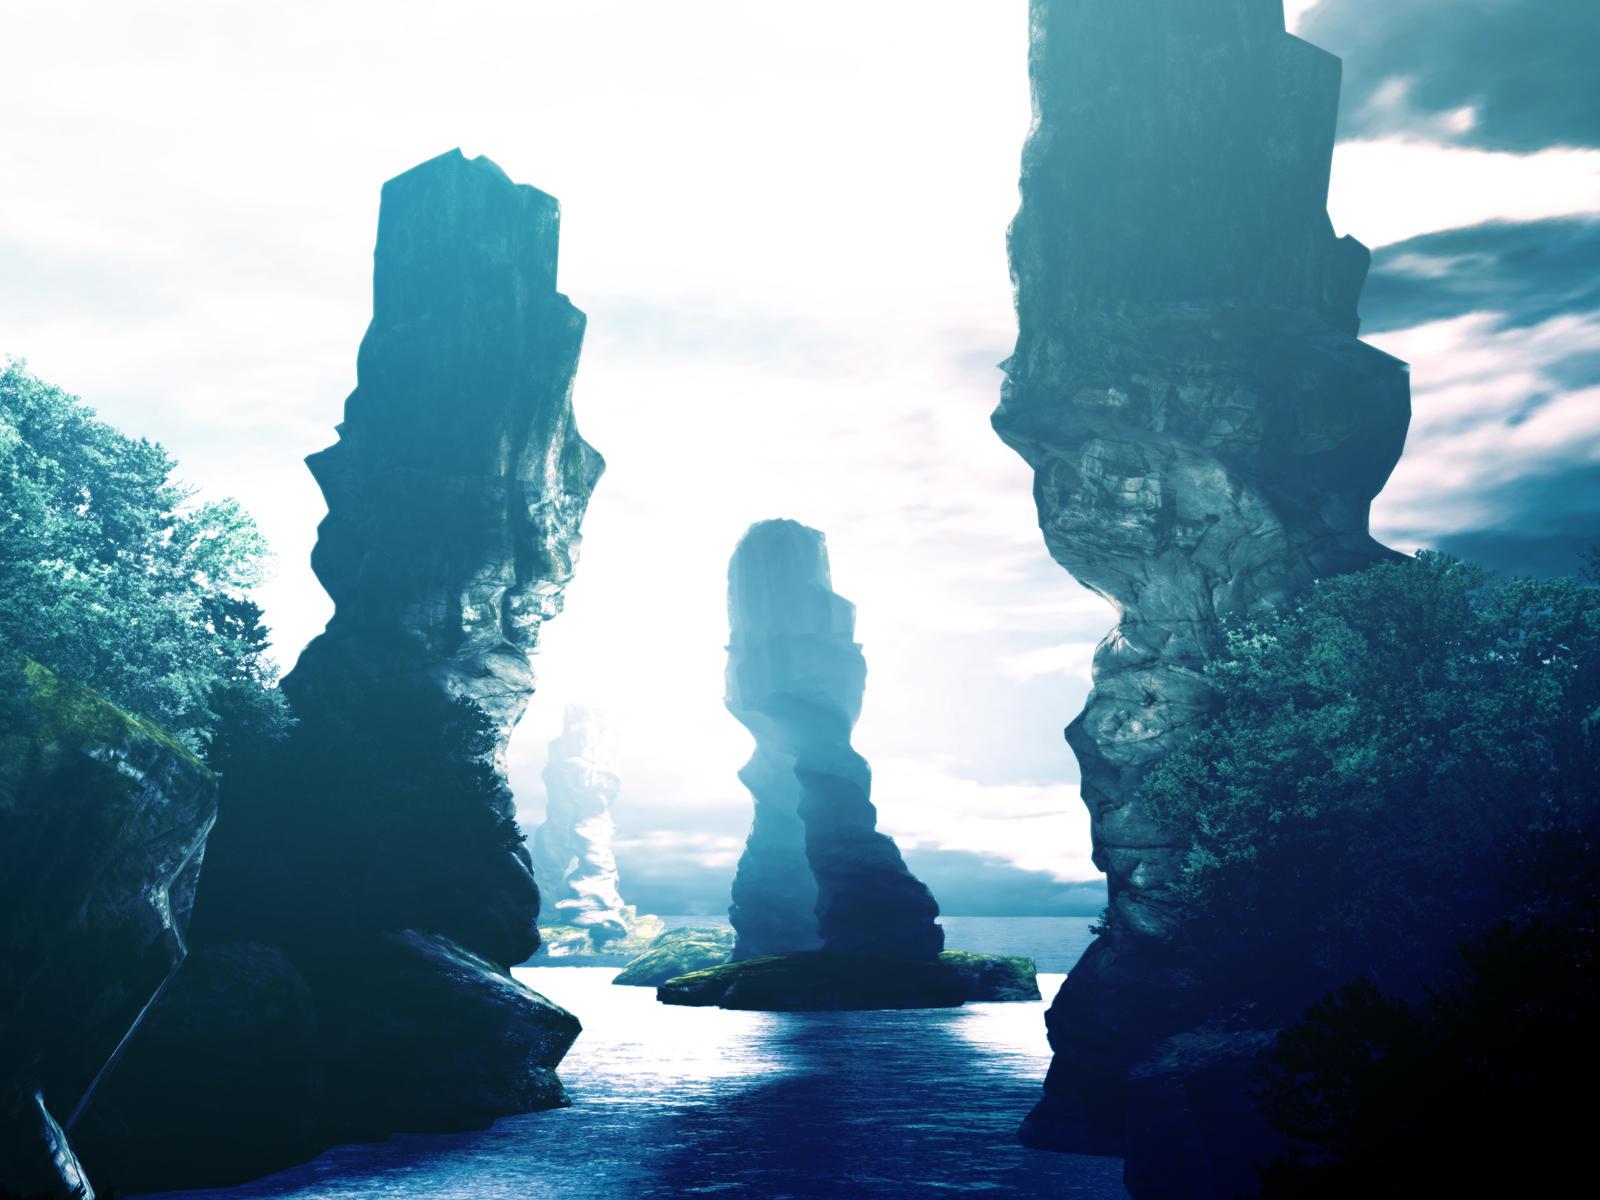 Mystic Peaks by uncubitodehielo88